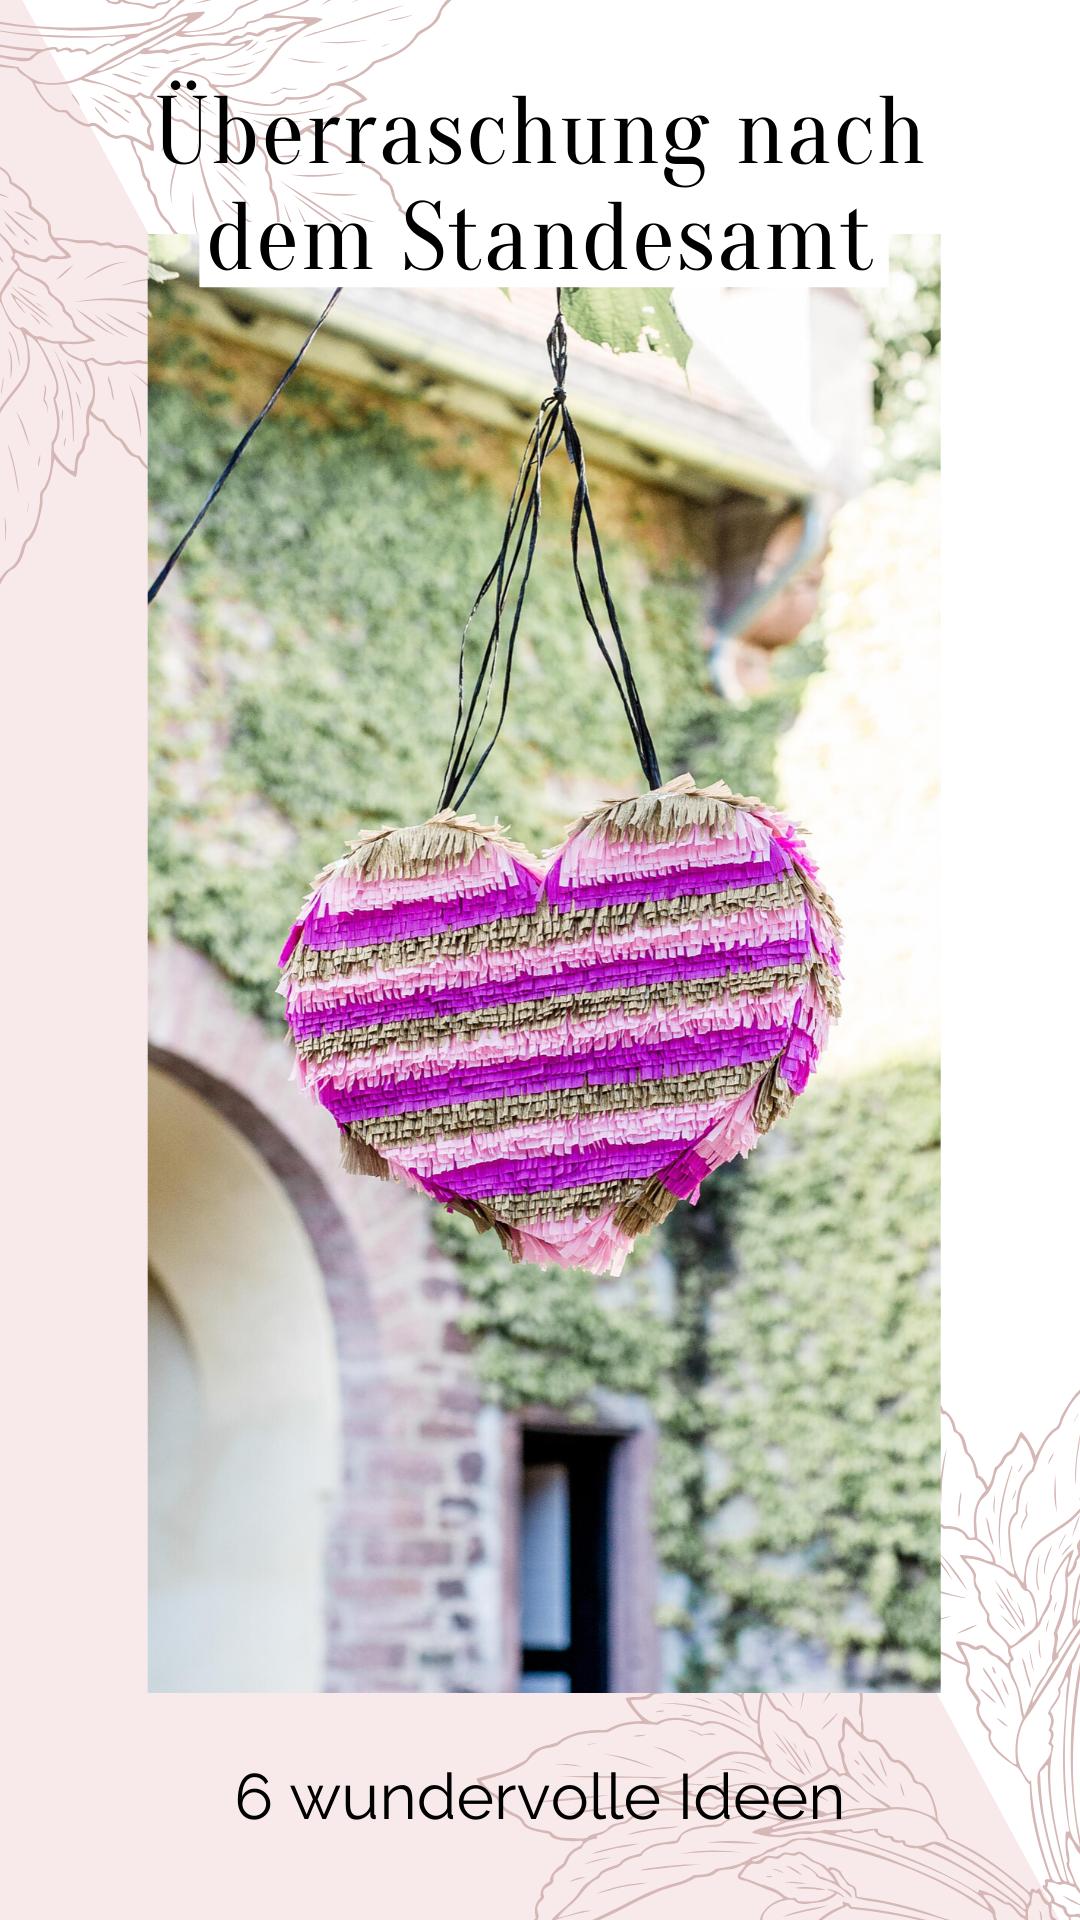 Uberraschung Nach Dem Standesamt 6 Wundervolle Ideen In 2020 Hochzeit Stabe Uberraschung Hochzeit Spalier Hochzeit